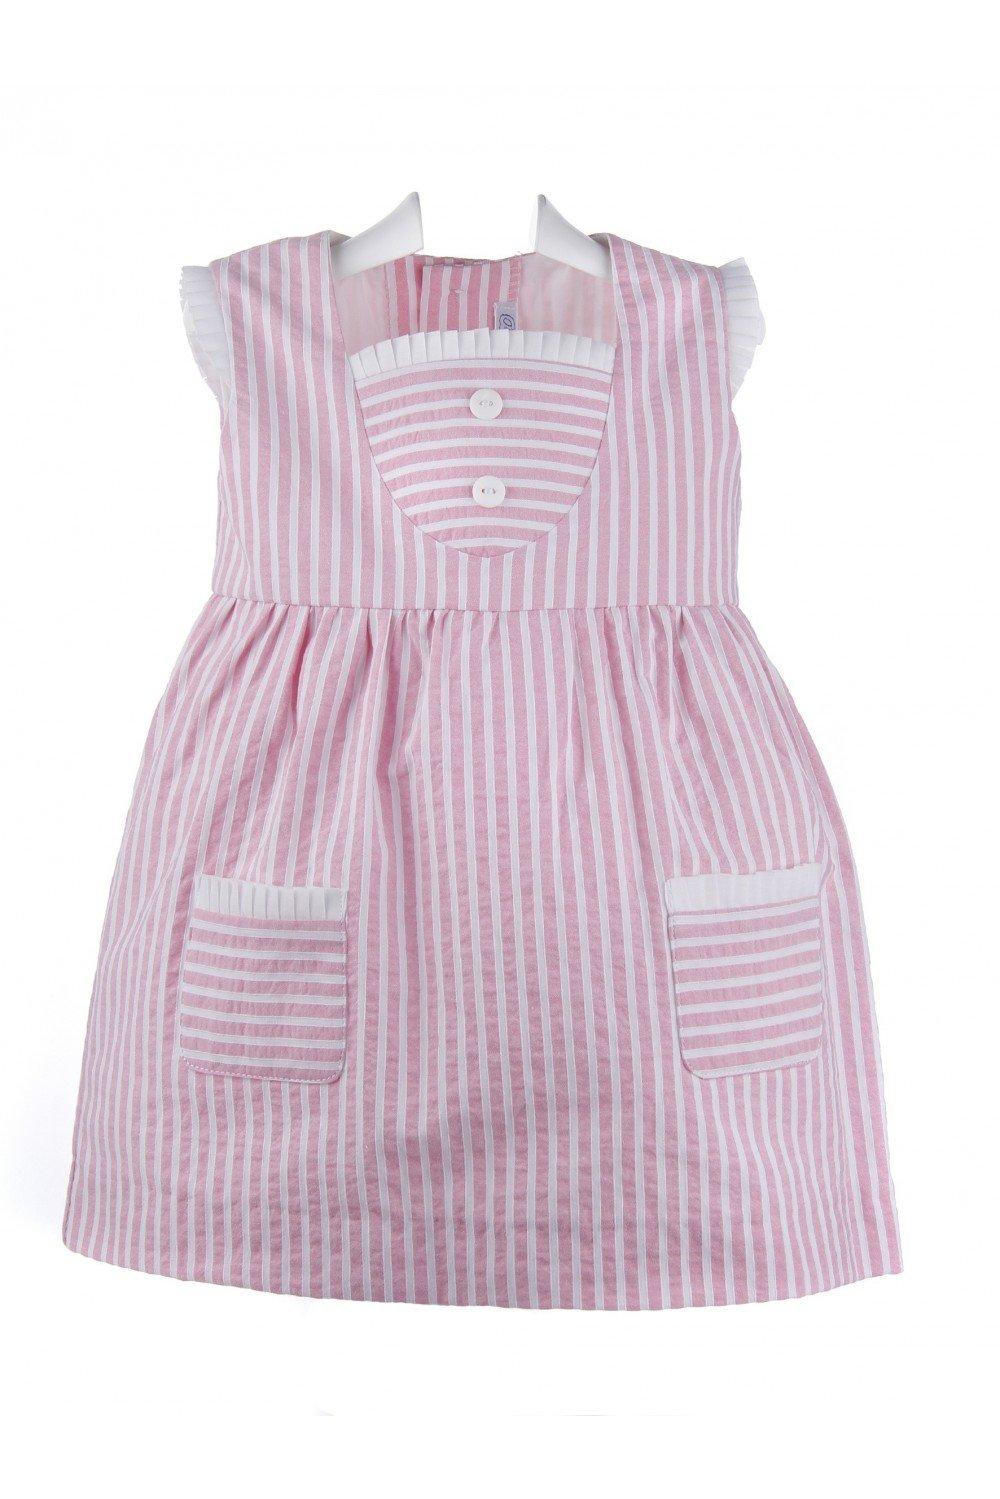 Ancar - Vestido de bebé y niña de batista con rayas rosas y blancas - 12 meses, Rayas rosas y blancas: Amazon.es: Bebé